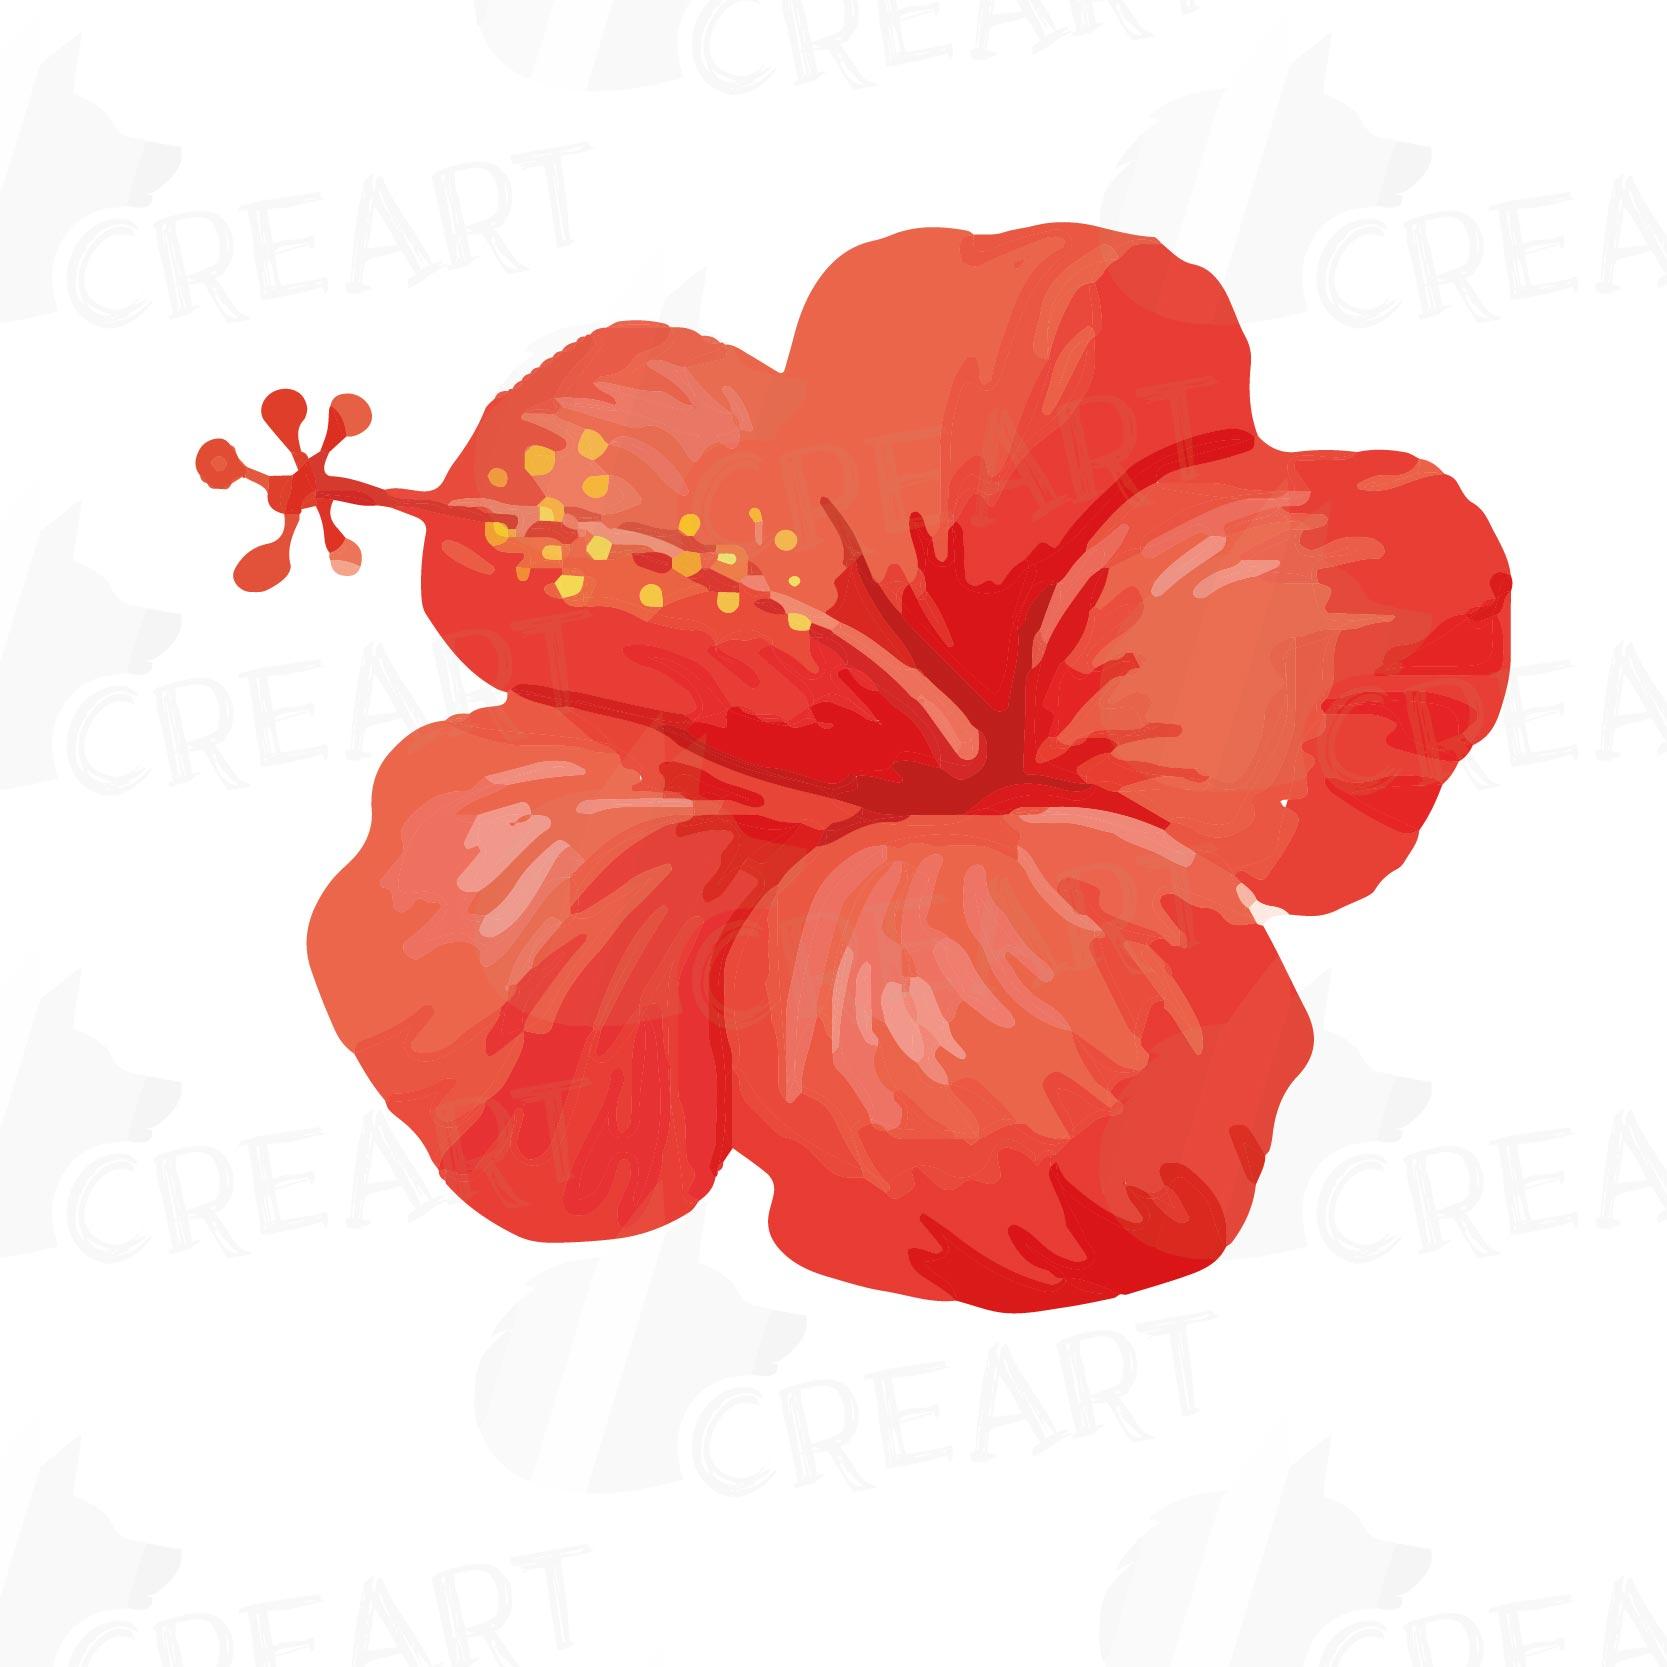 Watercolor wild flowers clip art pack, | Design Bundles